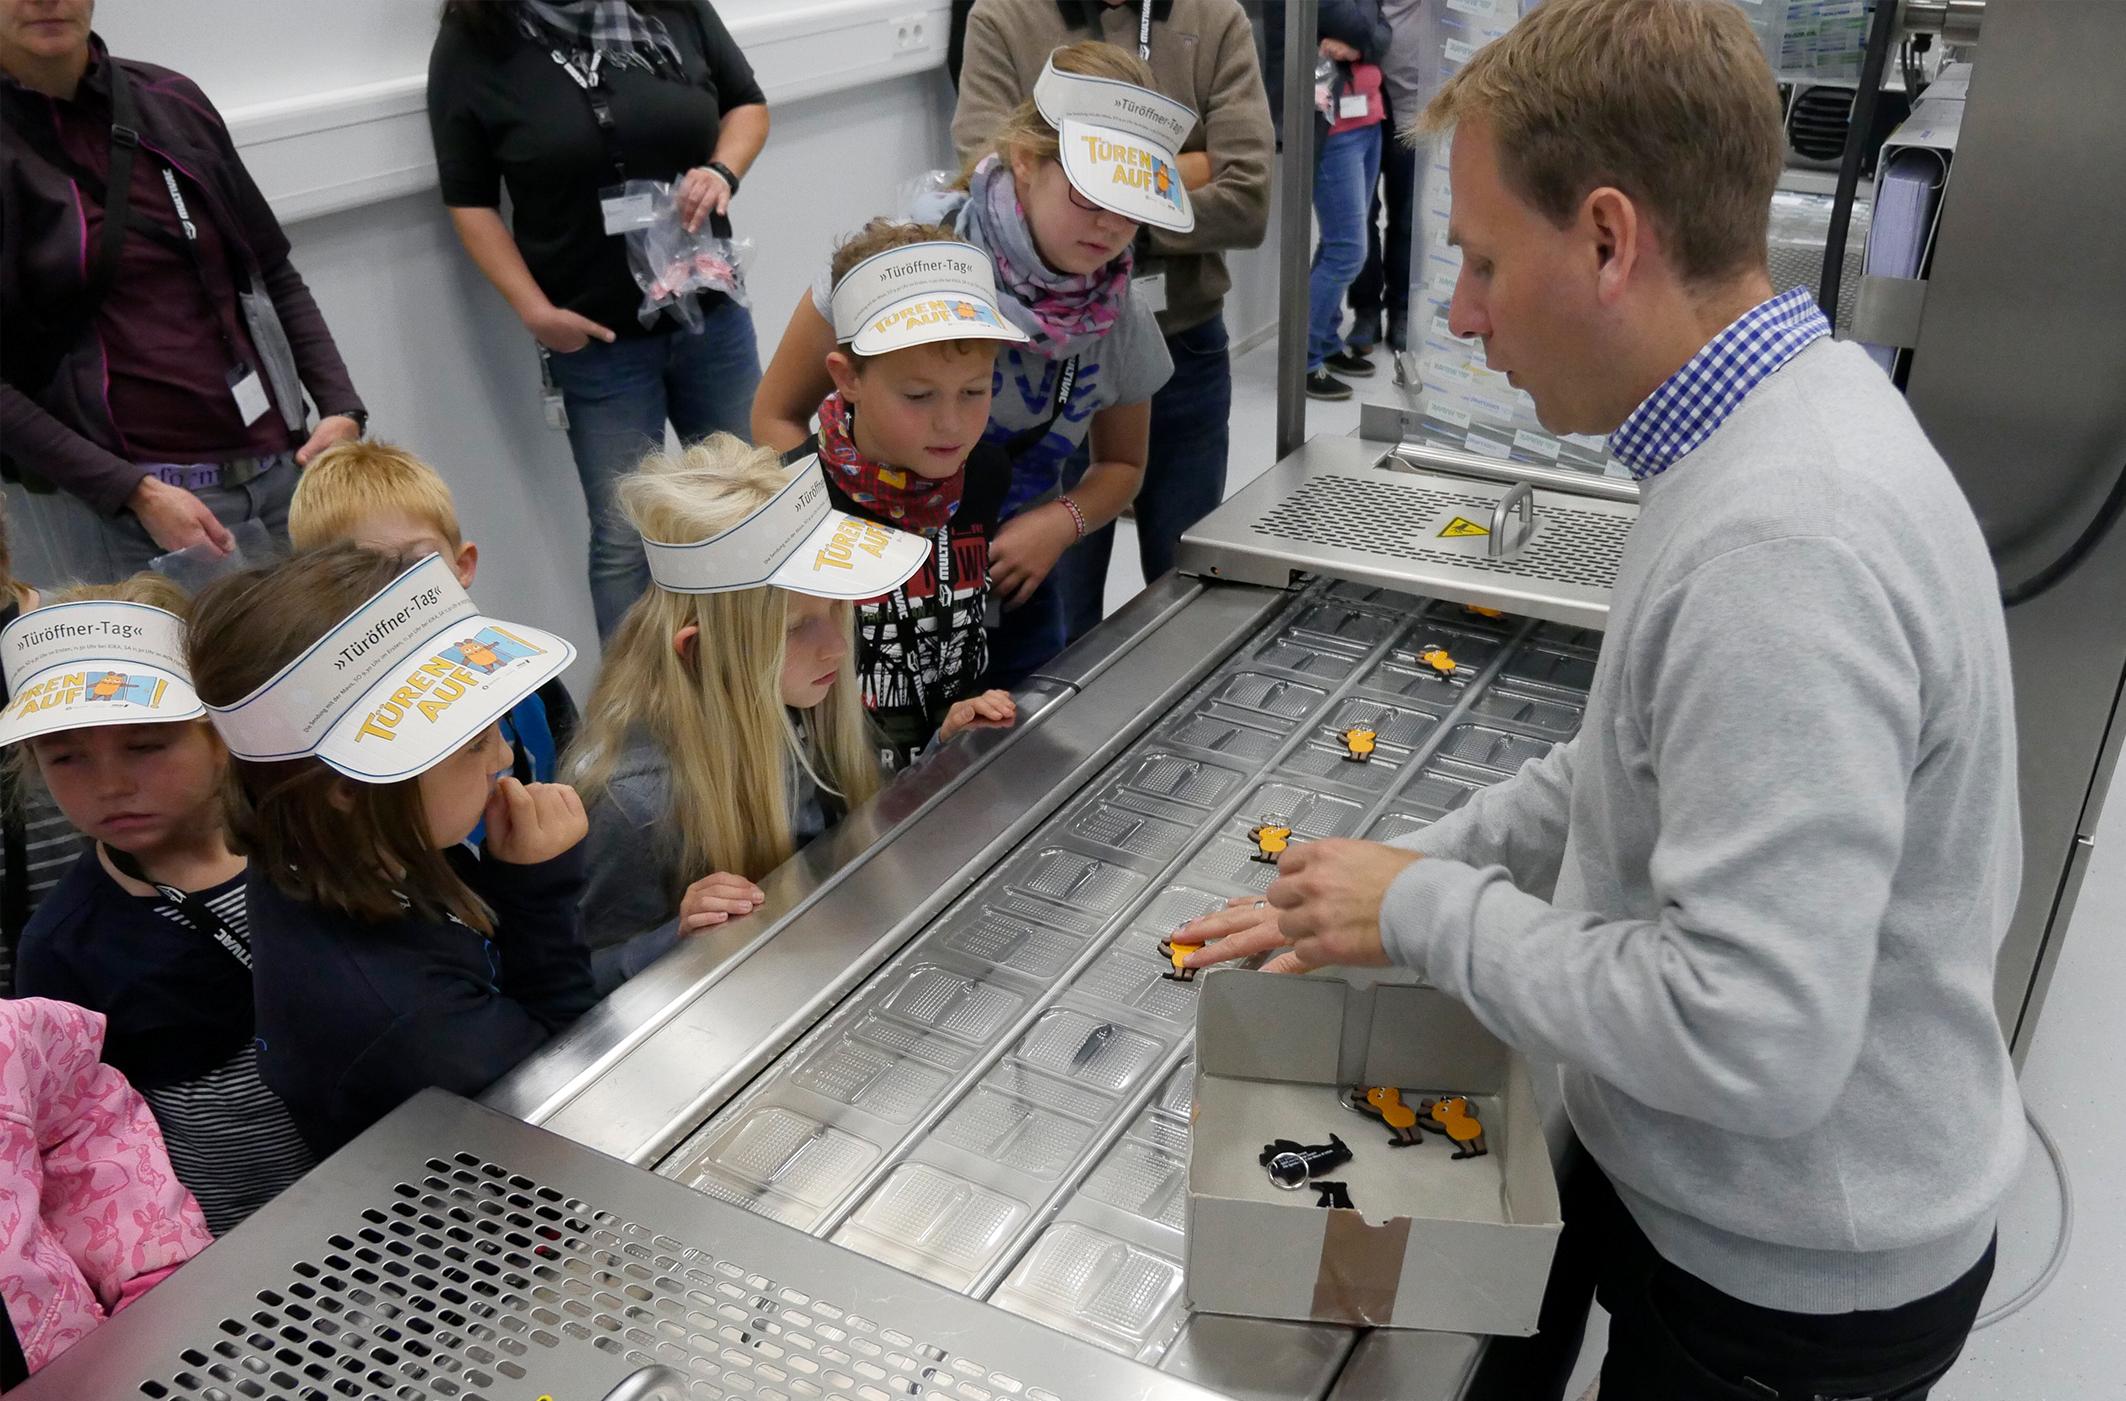 MULTIVAC beteiligte sich am siebten Türöffner-Tag der Sendung mit der Maus (WDR) mit einer Veranstaltung für Kinder und Familien.